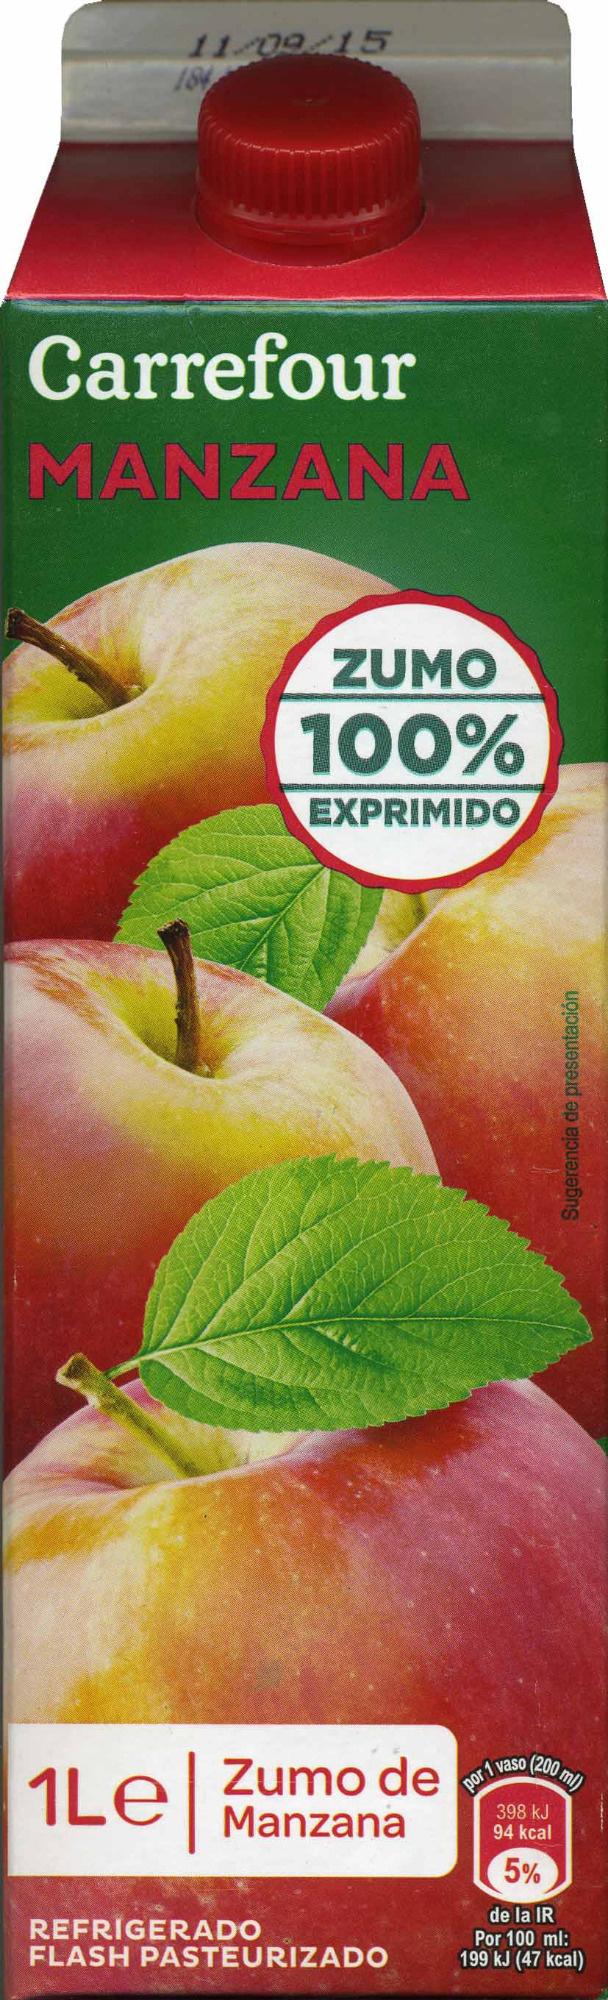 Zumo de manzana exprimido refrigerado - Producto - es